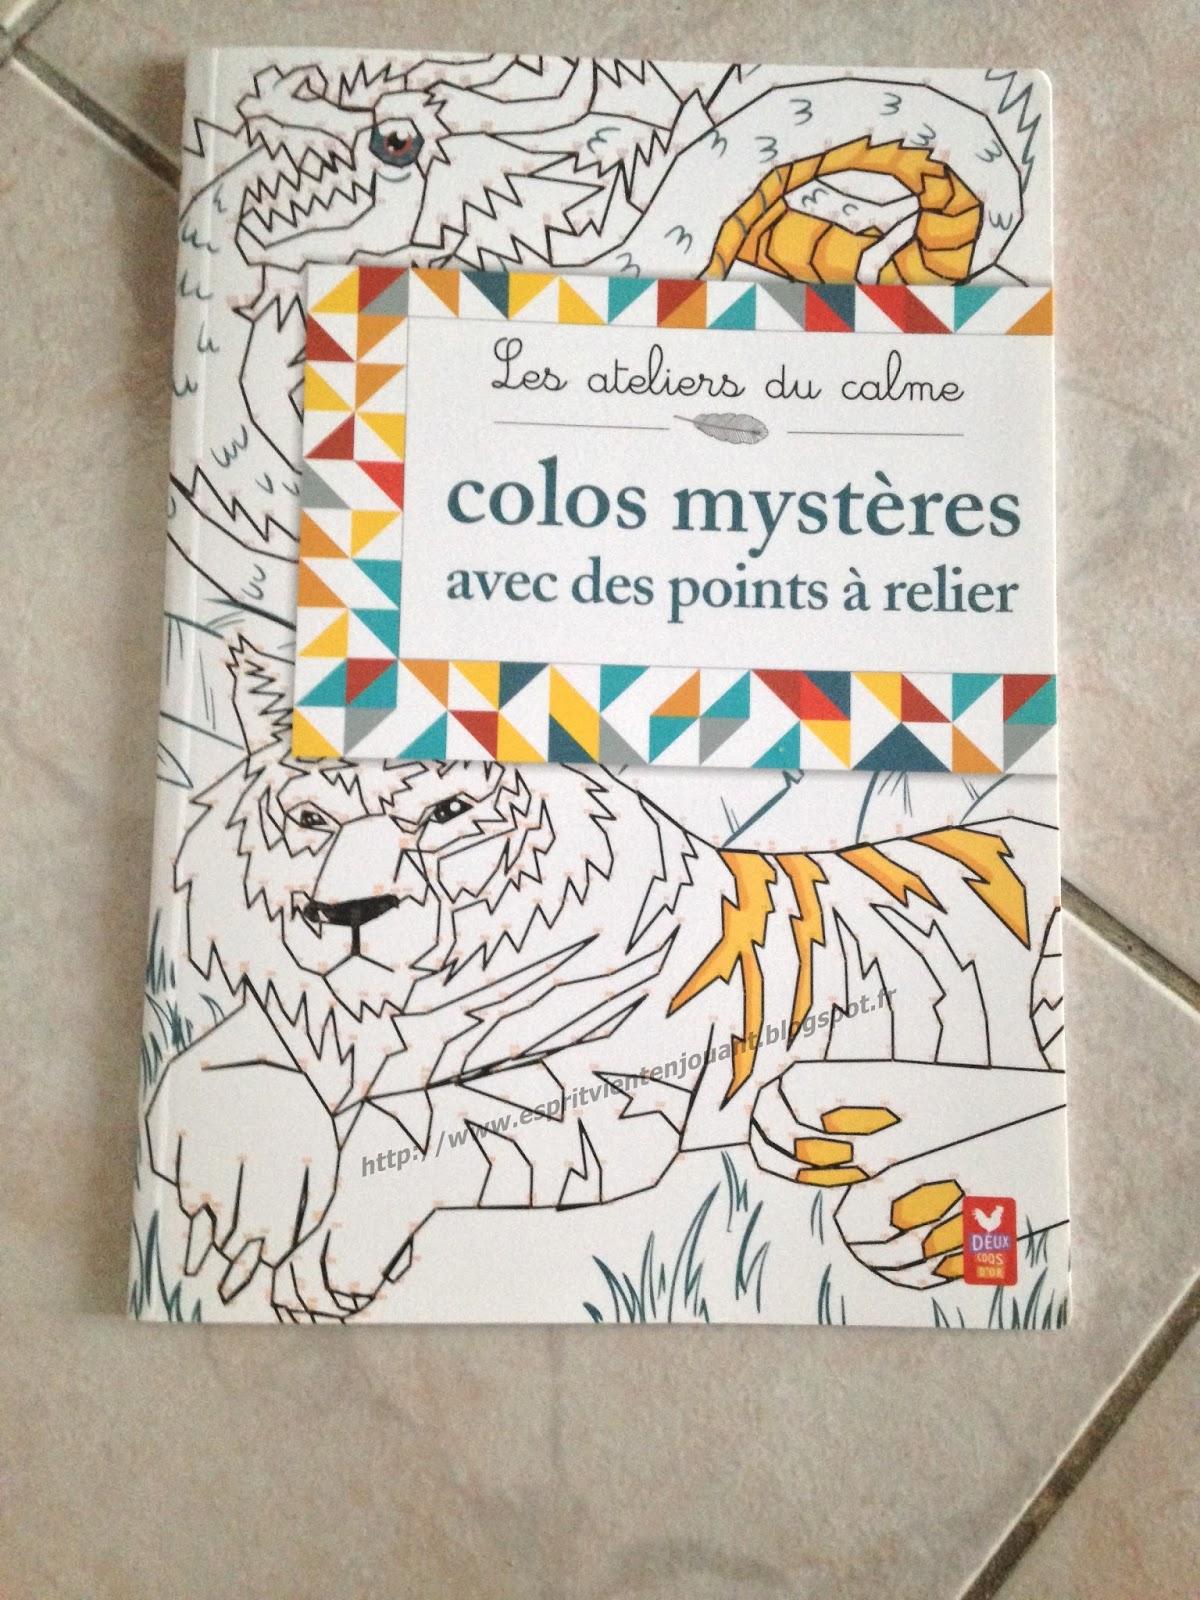 Des coloriages myst¨res avec des points  relier pour ma maxi chouquette 7 ans de chez Deux coqs d acheté chez Cultura Les chiffres vont jusqu  plus